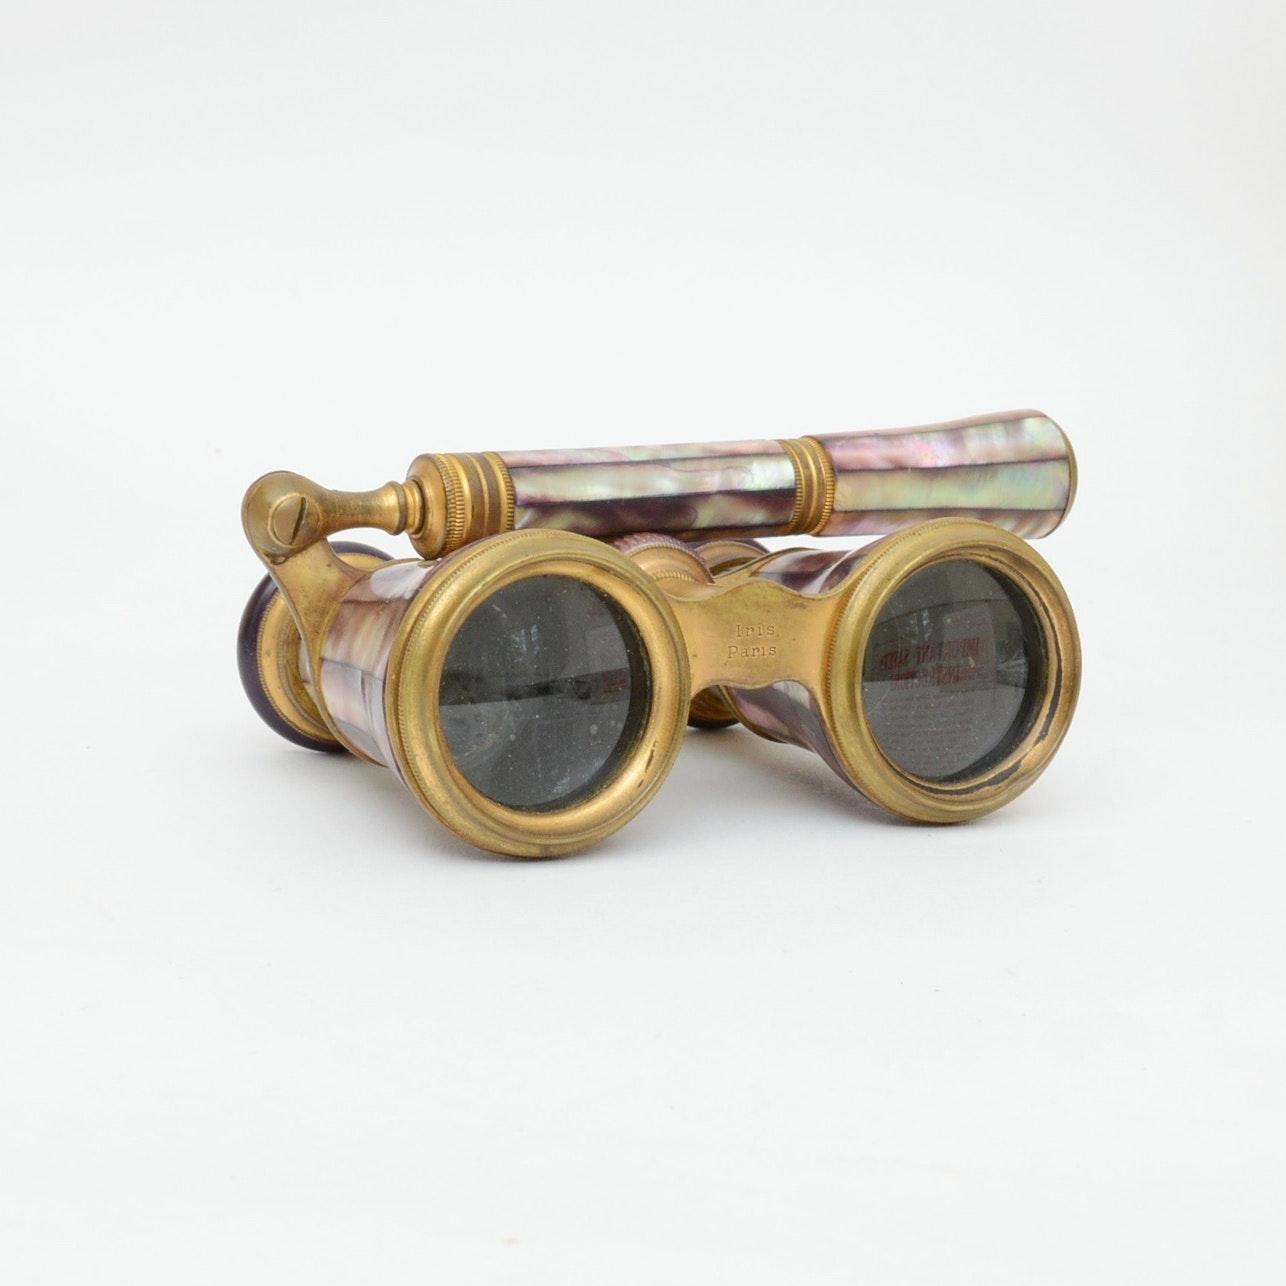 Antique Opera Glasses by Iris of Paris